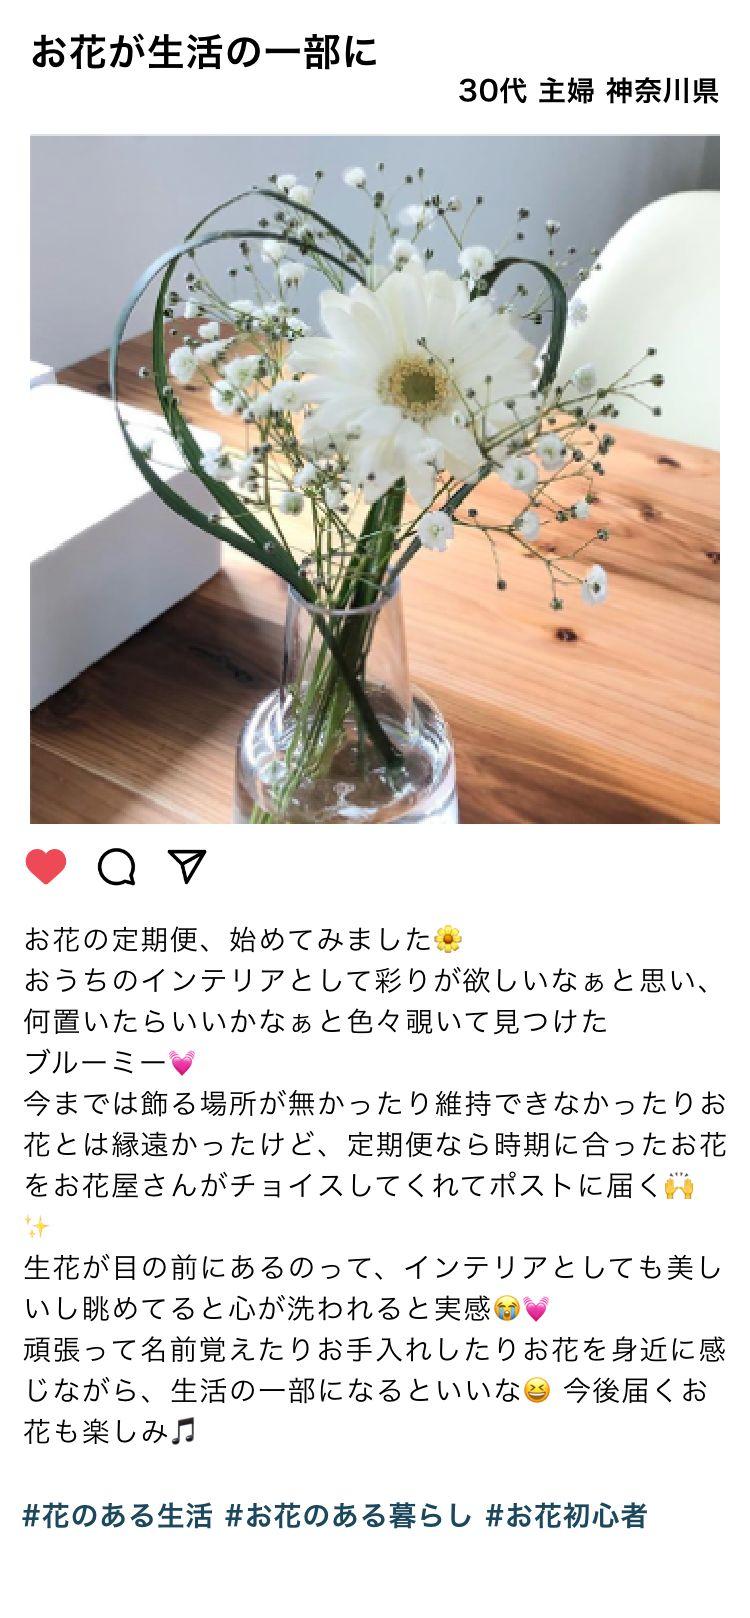 お花が生活の一部 に30代 主婦 神奈川県